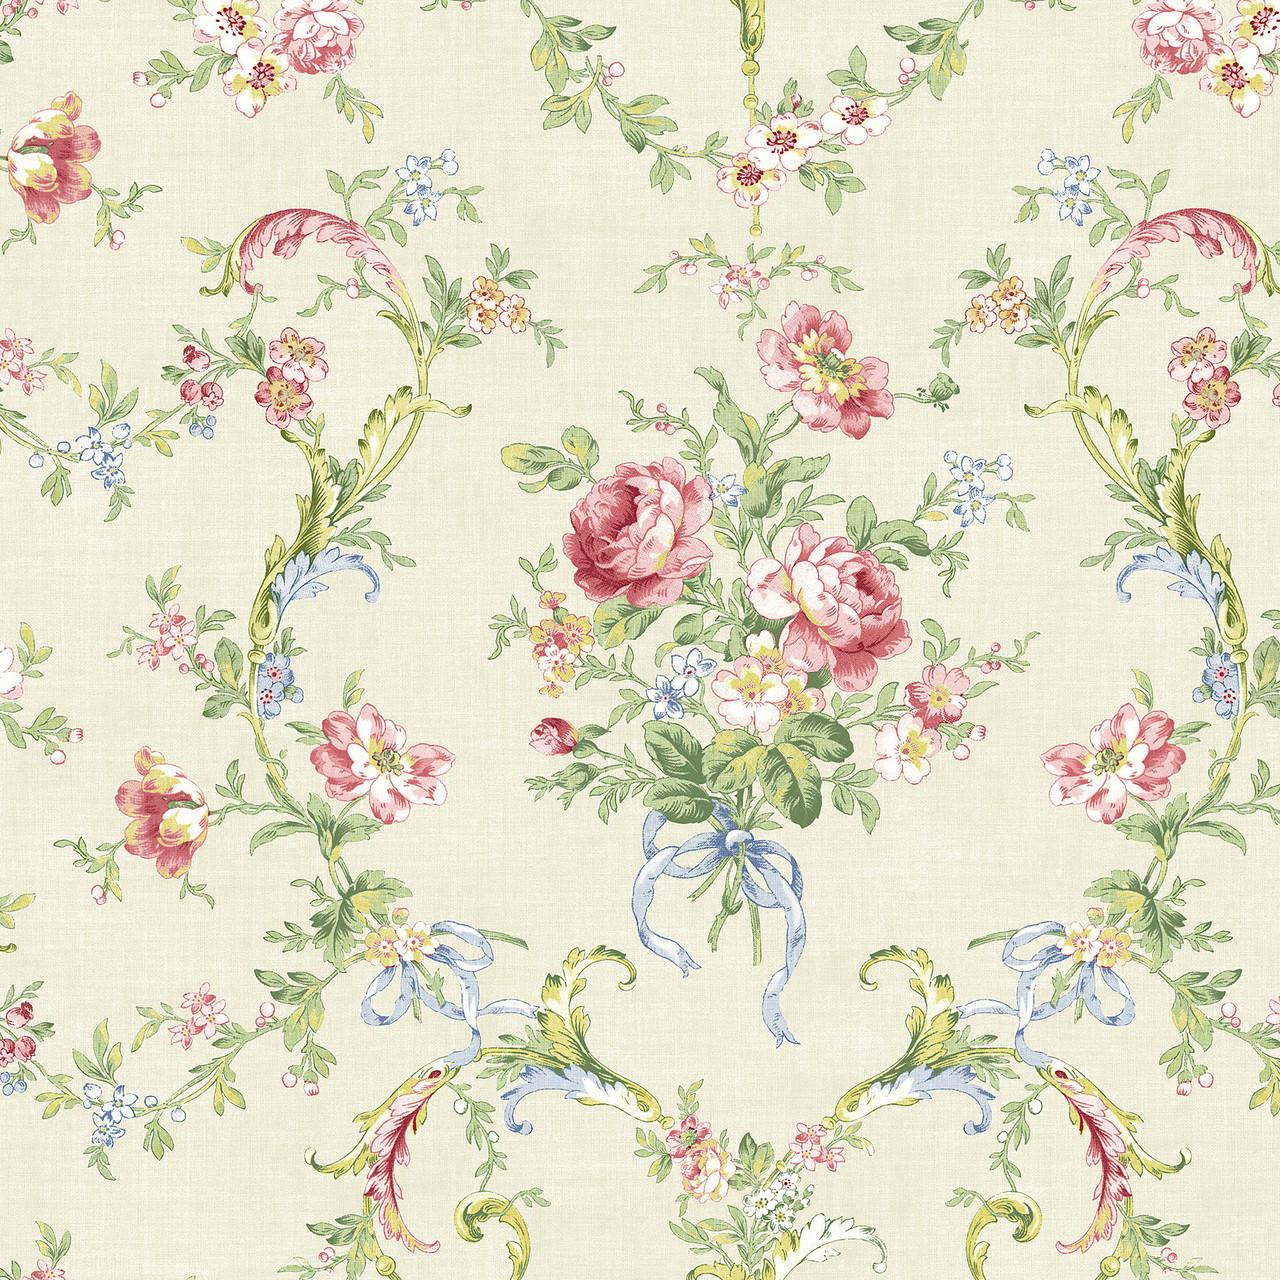 291 70202 Light Green Floral Bouquet Wallpaper Indoorwallpaper Com